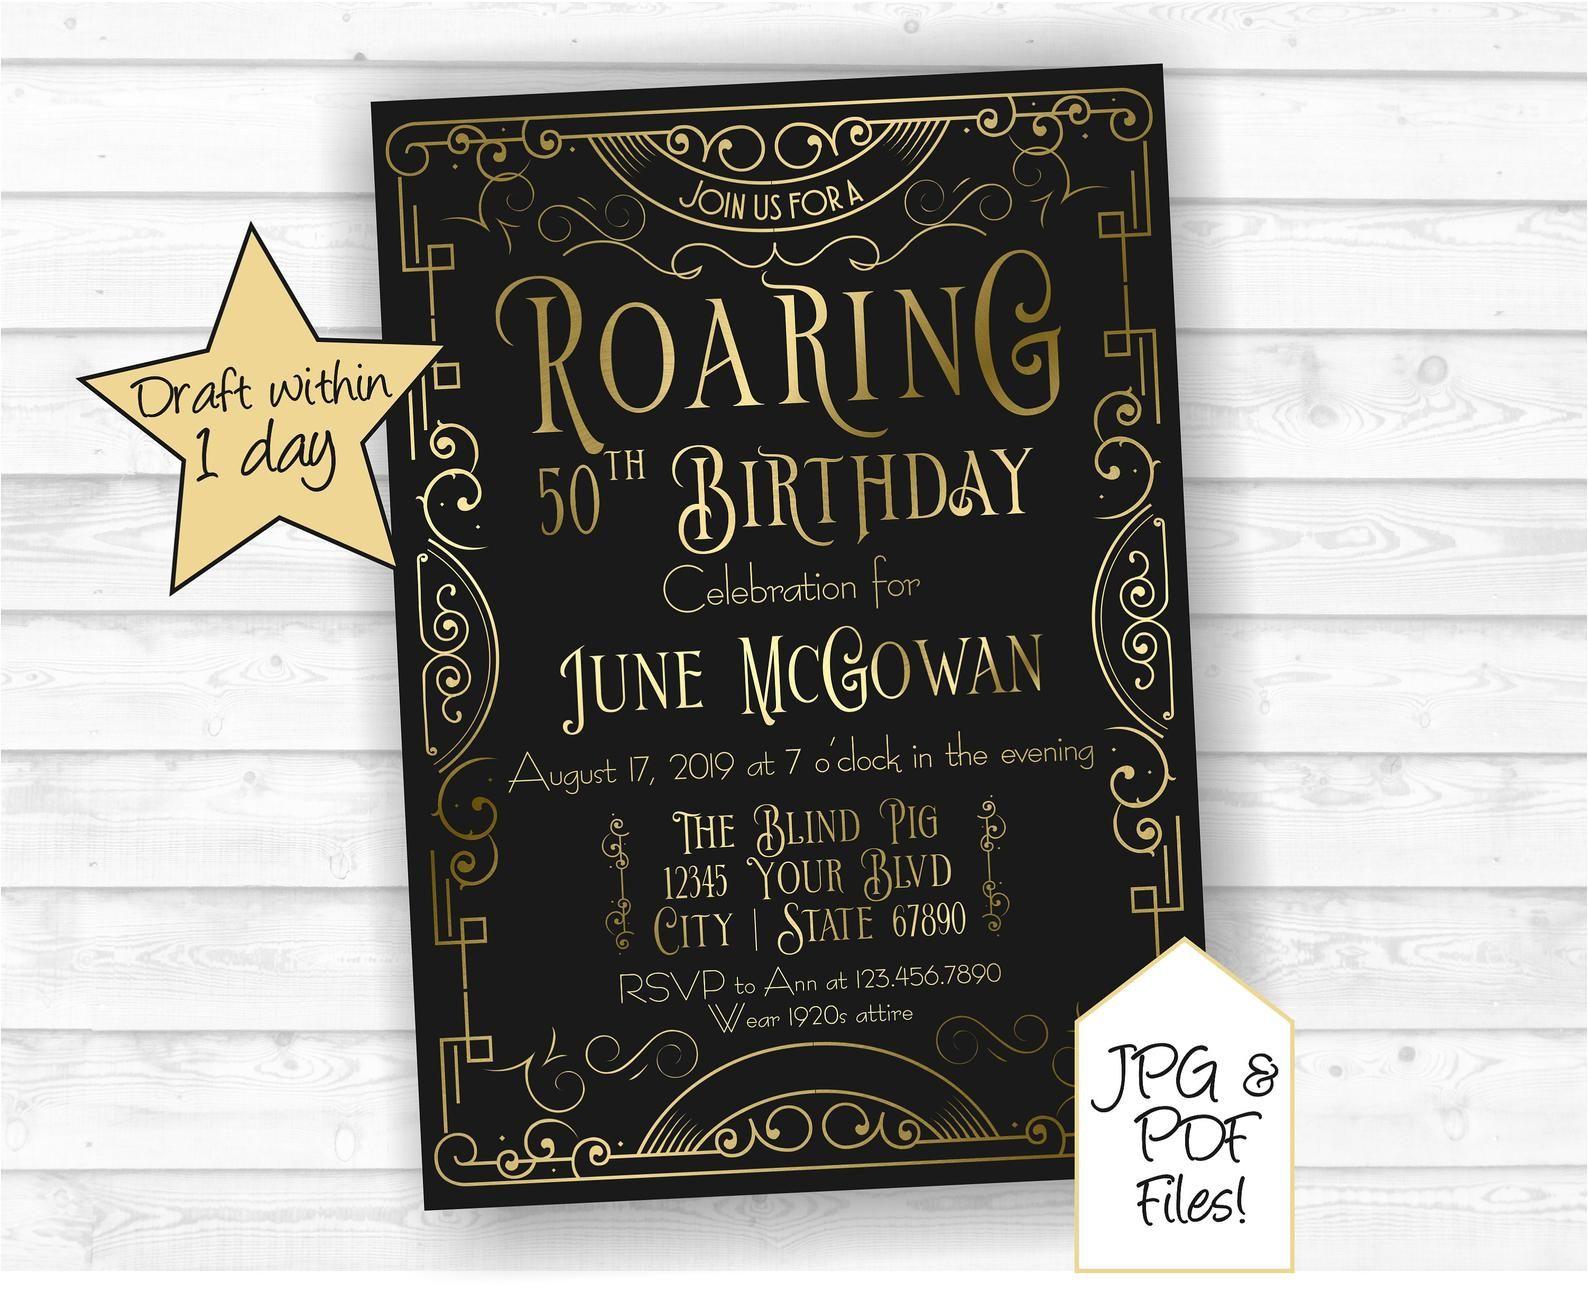 50th Birthday Invitation Roaring 20s Speakeasy Birthday ...